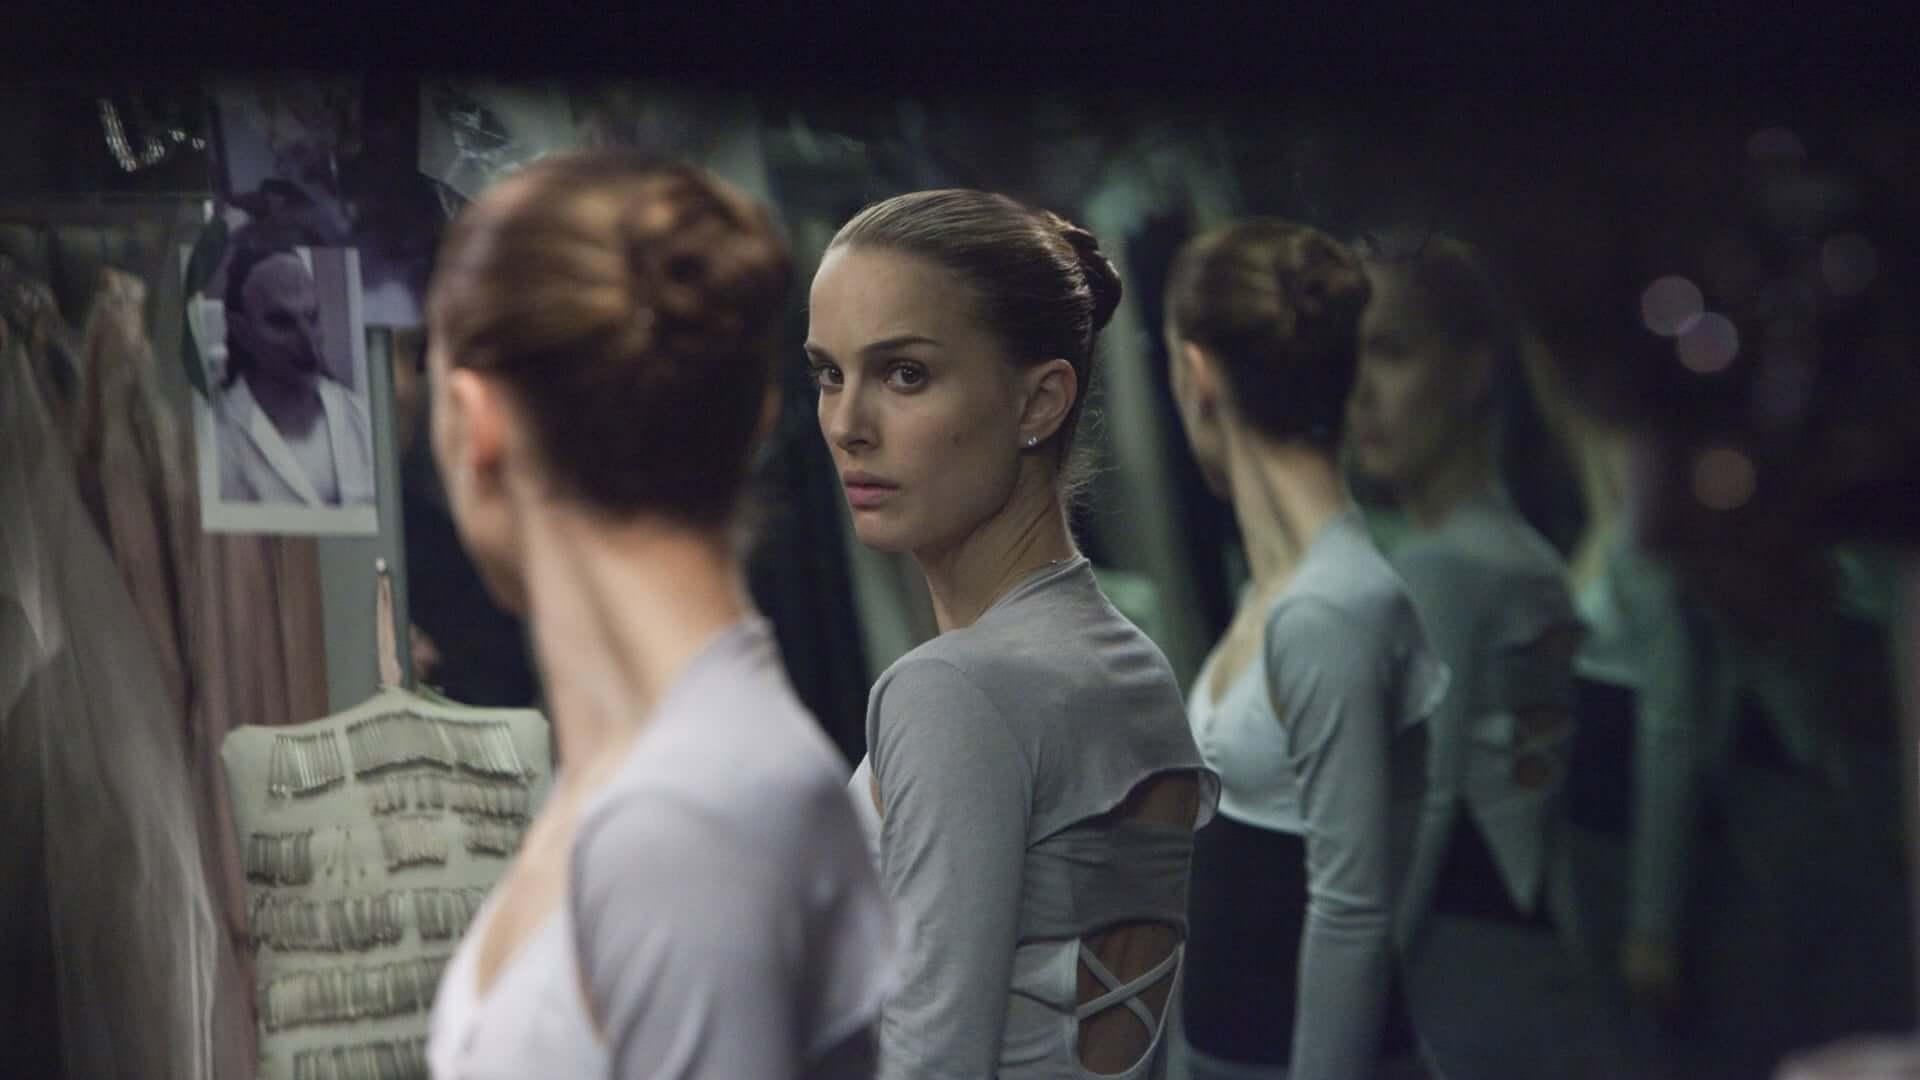 Bailarina mirándose en espejos